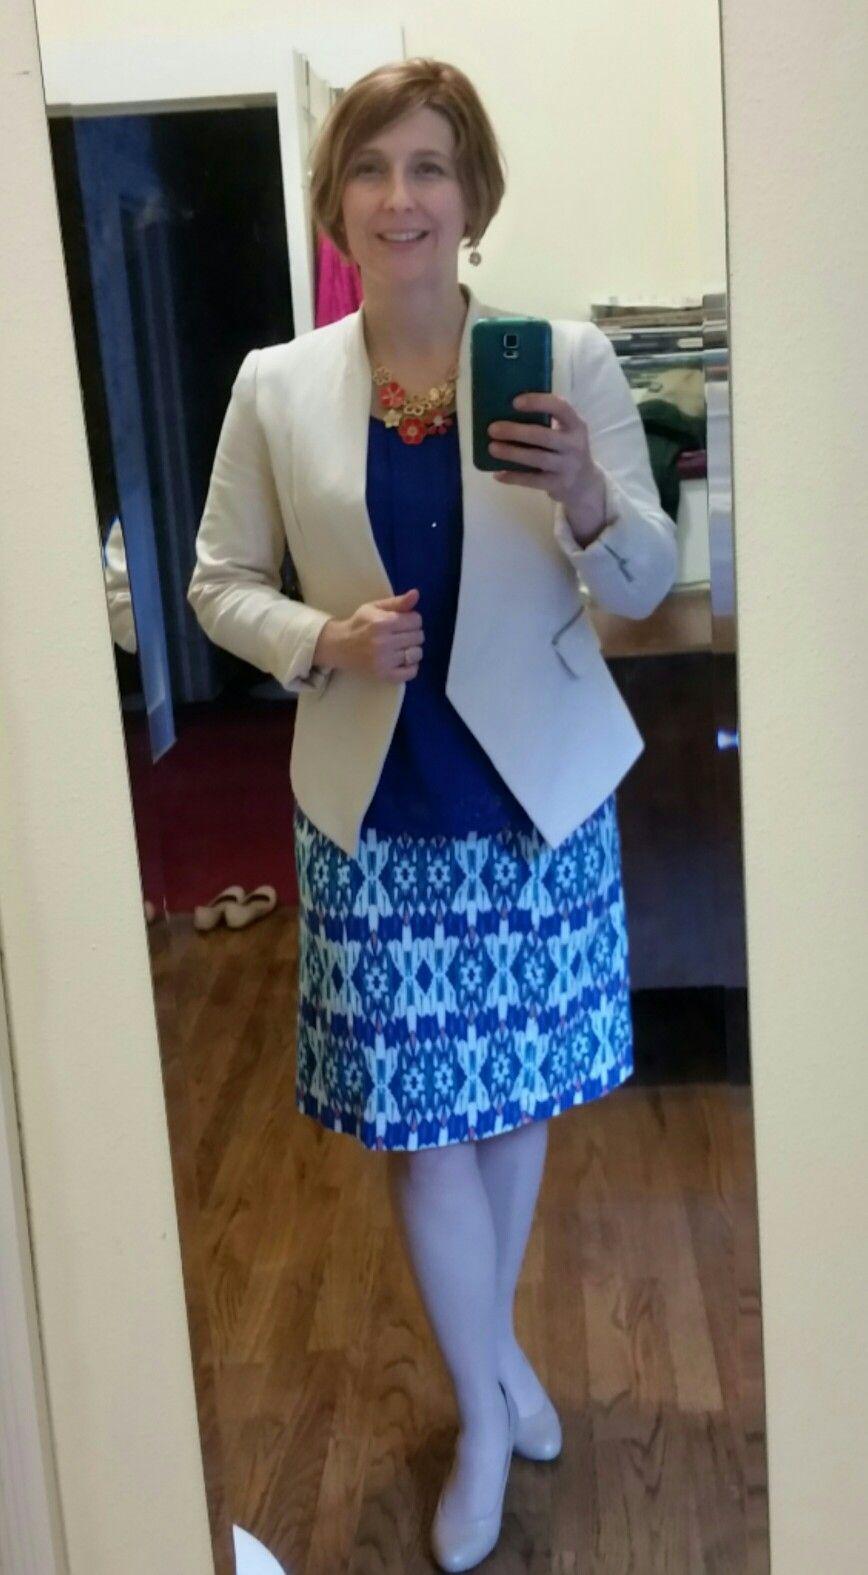 f438c6f91037 My May @stitchfix Fix: Market and Spruce Kessie knit faux wrap dress with  Pixley Tumara knit collarless blazer. Necklace from Ko…